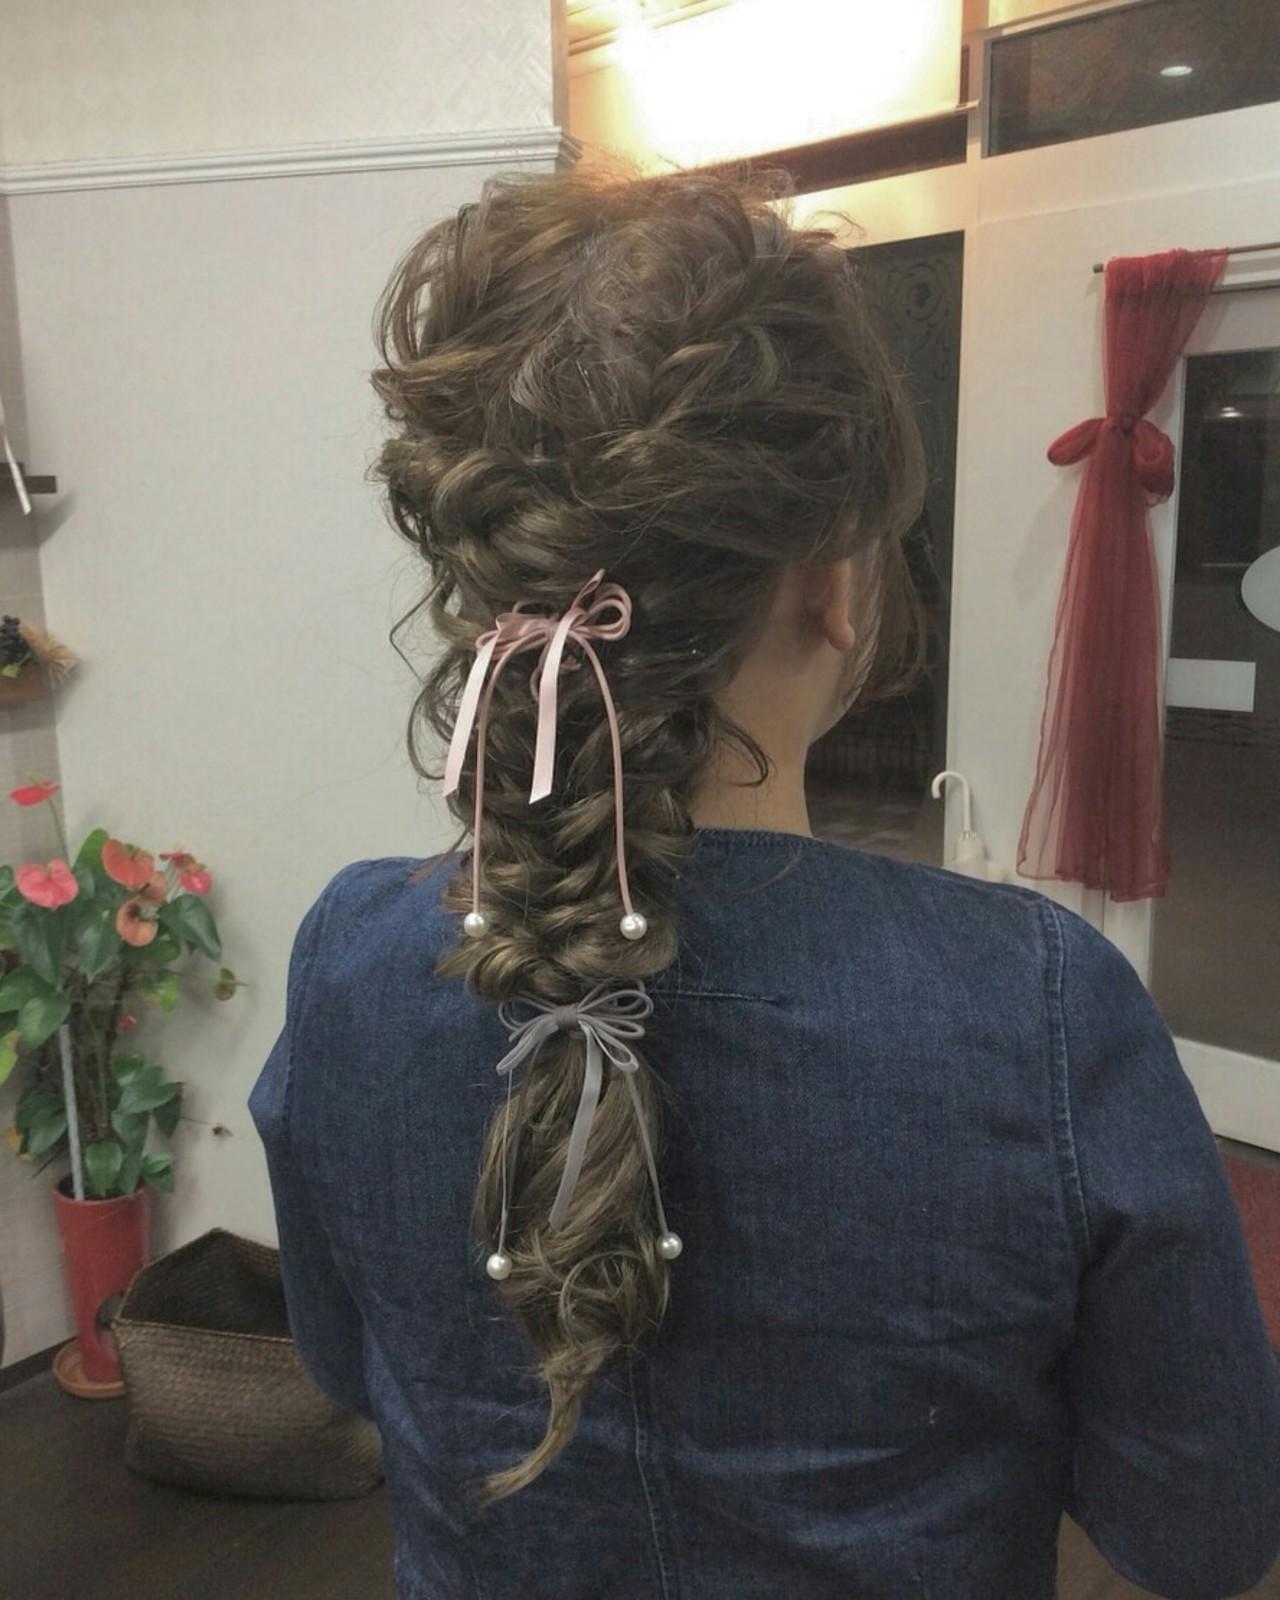 ナチュラル ヘアアレンジ ロング ロープ編みアレンジヘア ヘアスタイルや髪型の写真・画像